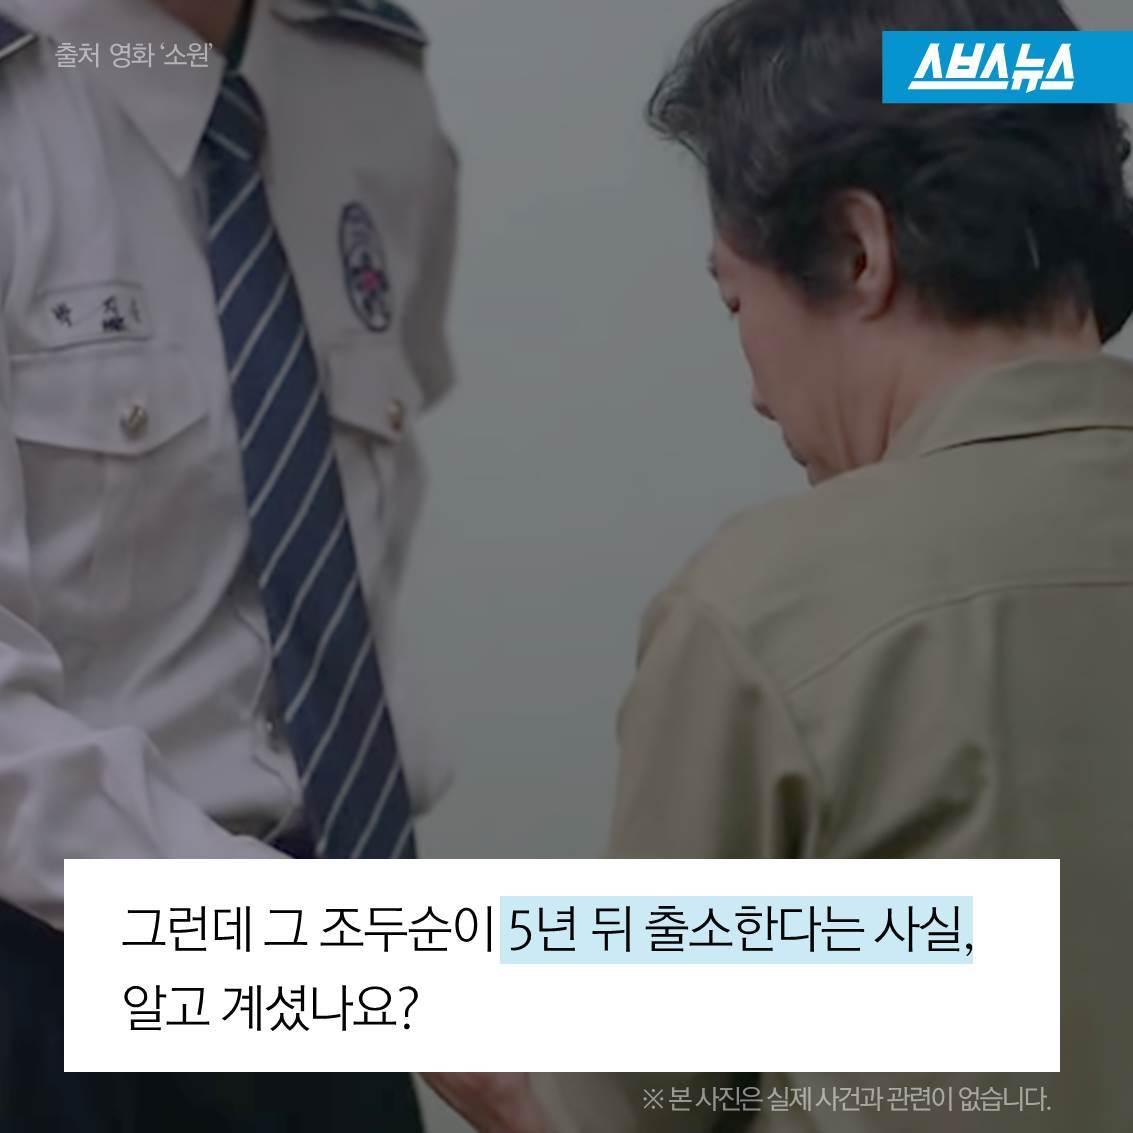 [스브스뉴스]조두순 5년 뒤 출소…美, 잔혹한 성폭행범에 4060년형 선고